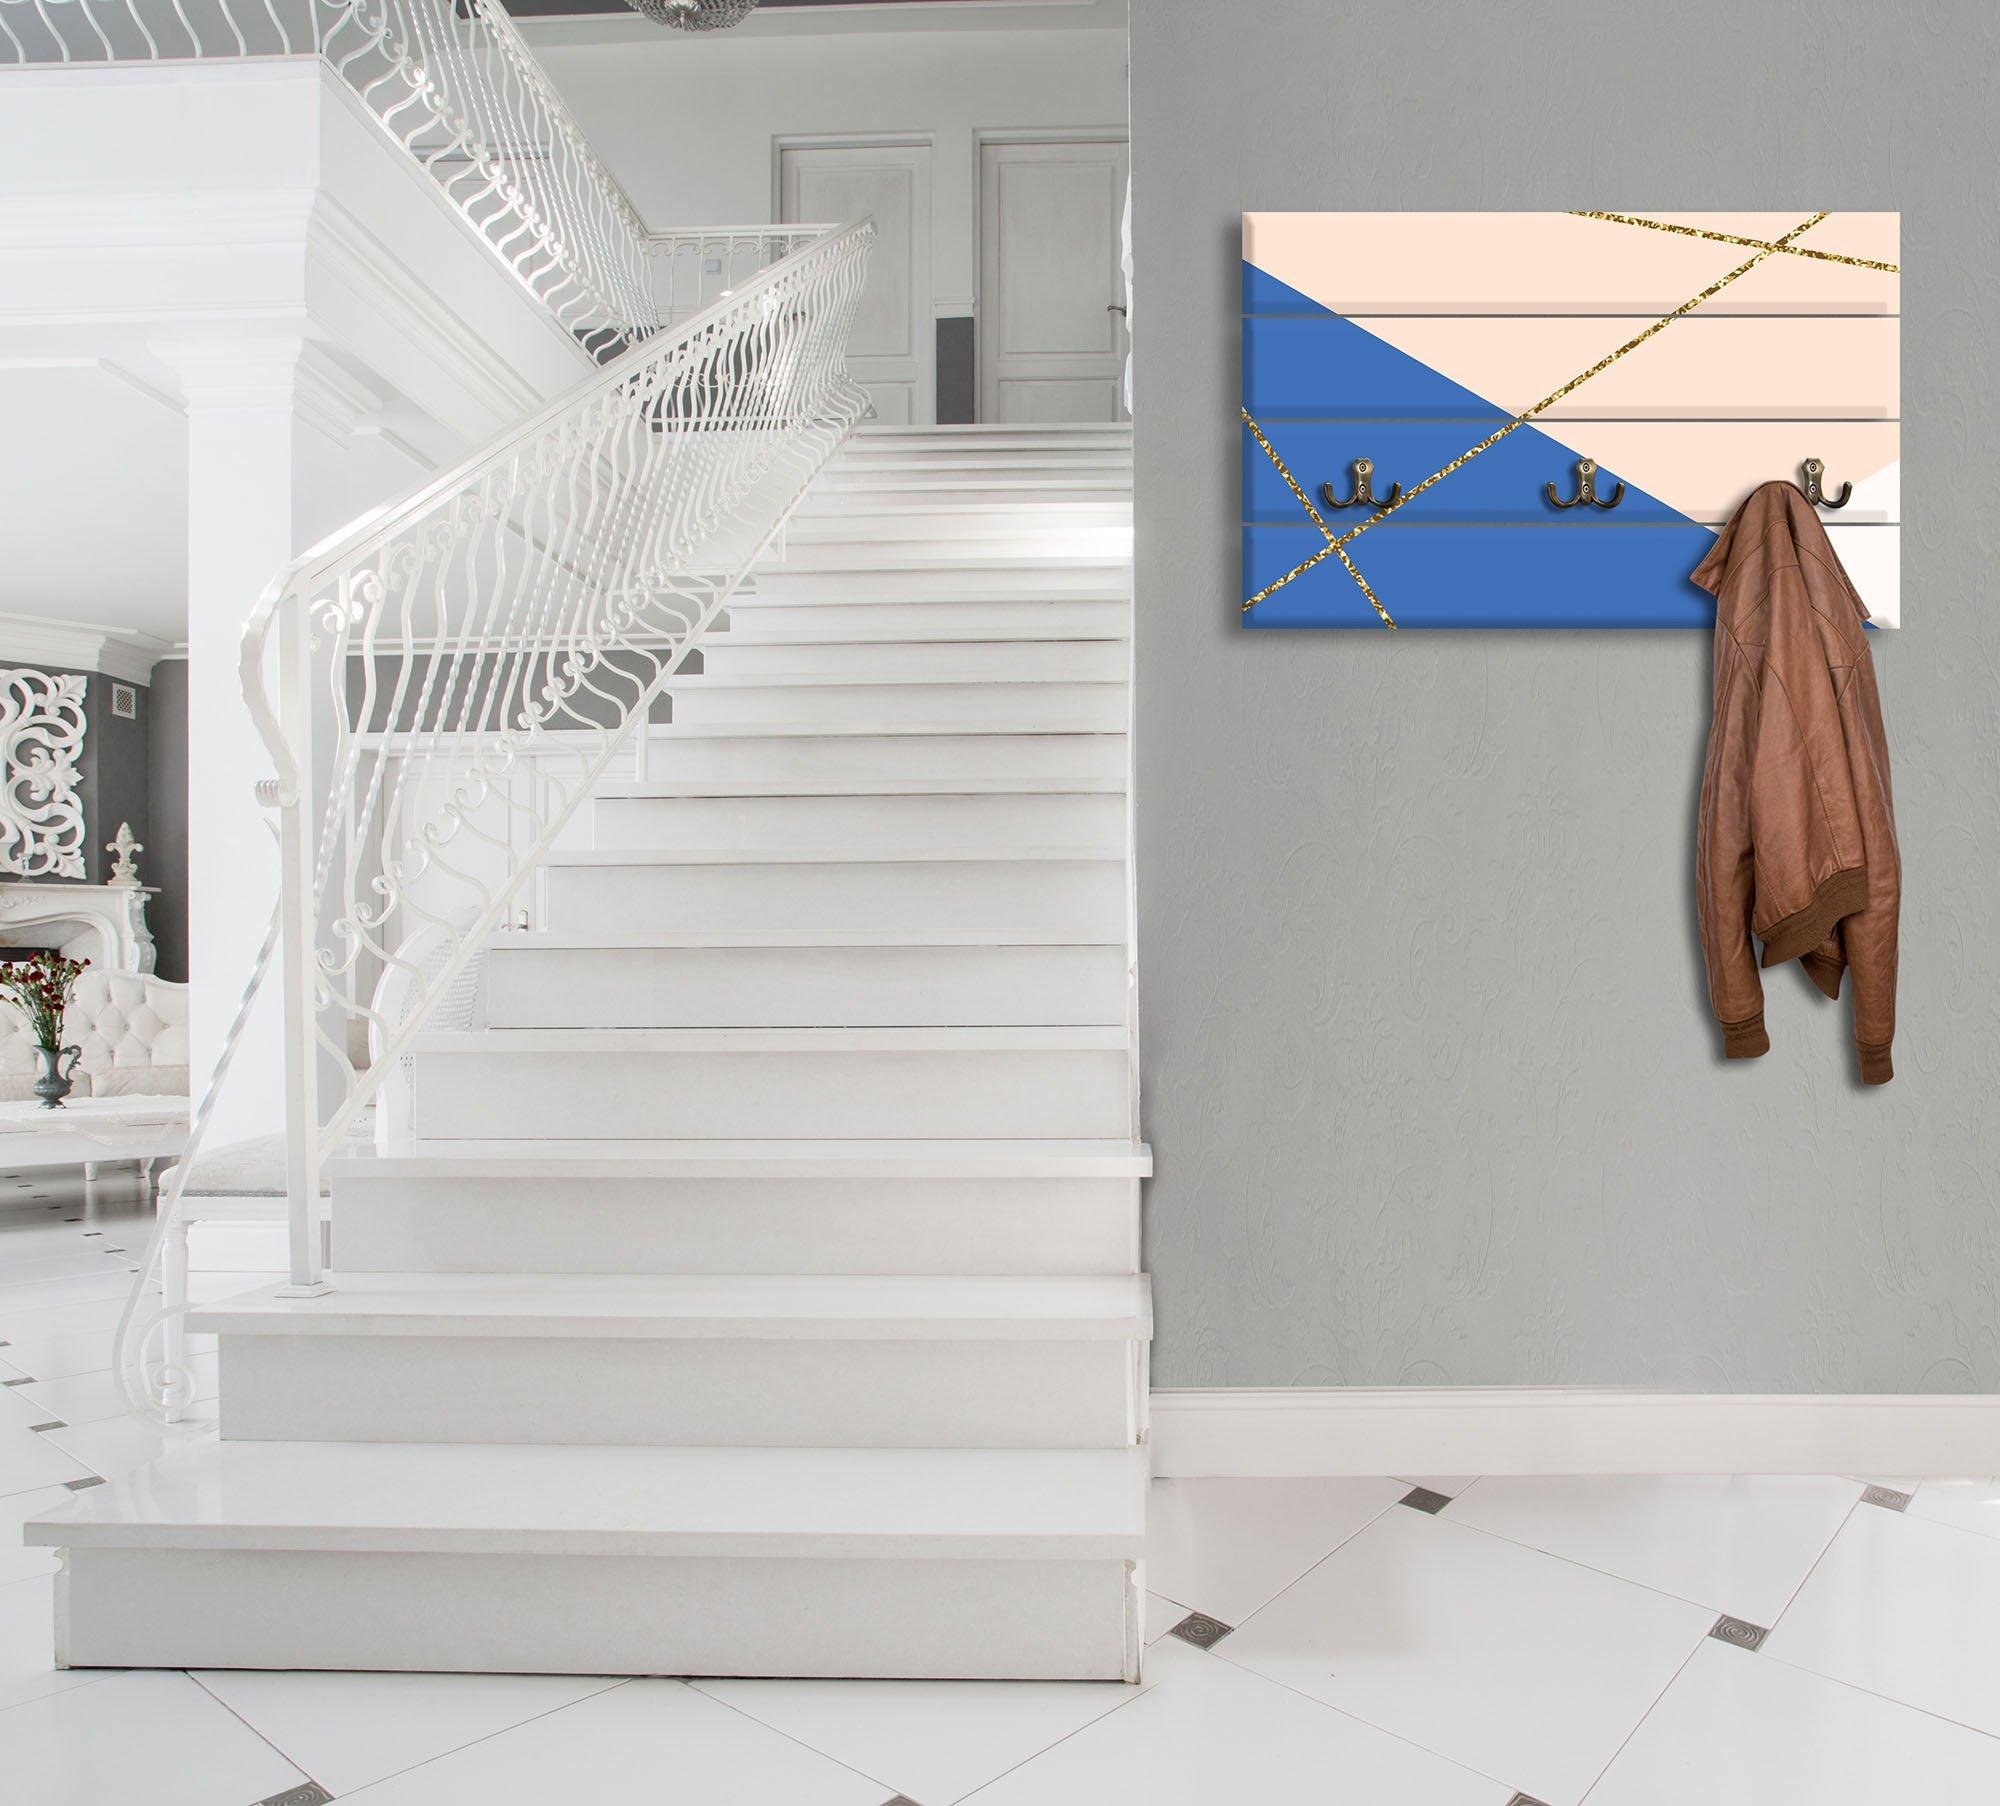 garderobe mit abstrakten fl chen beige blau. Black Bedroom Furniture Sets. Home Design Ideas